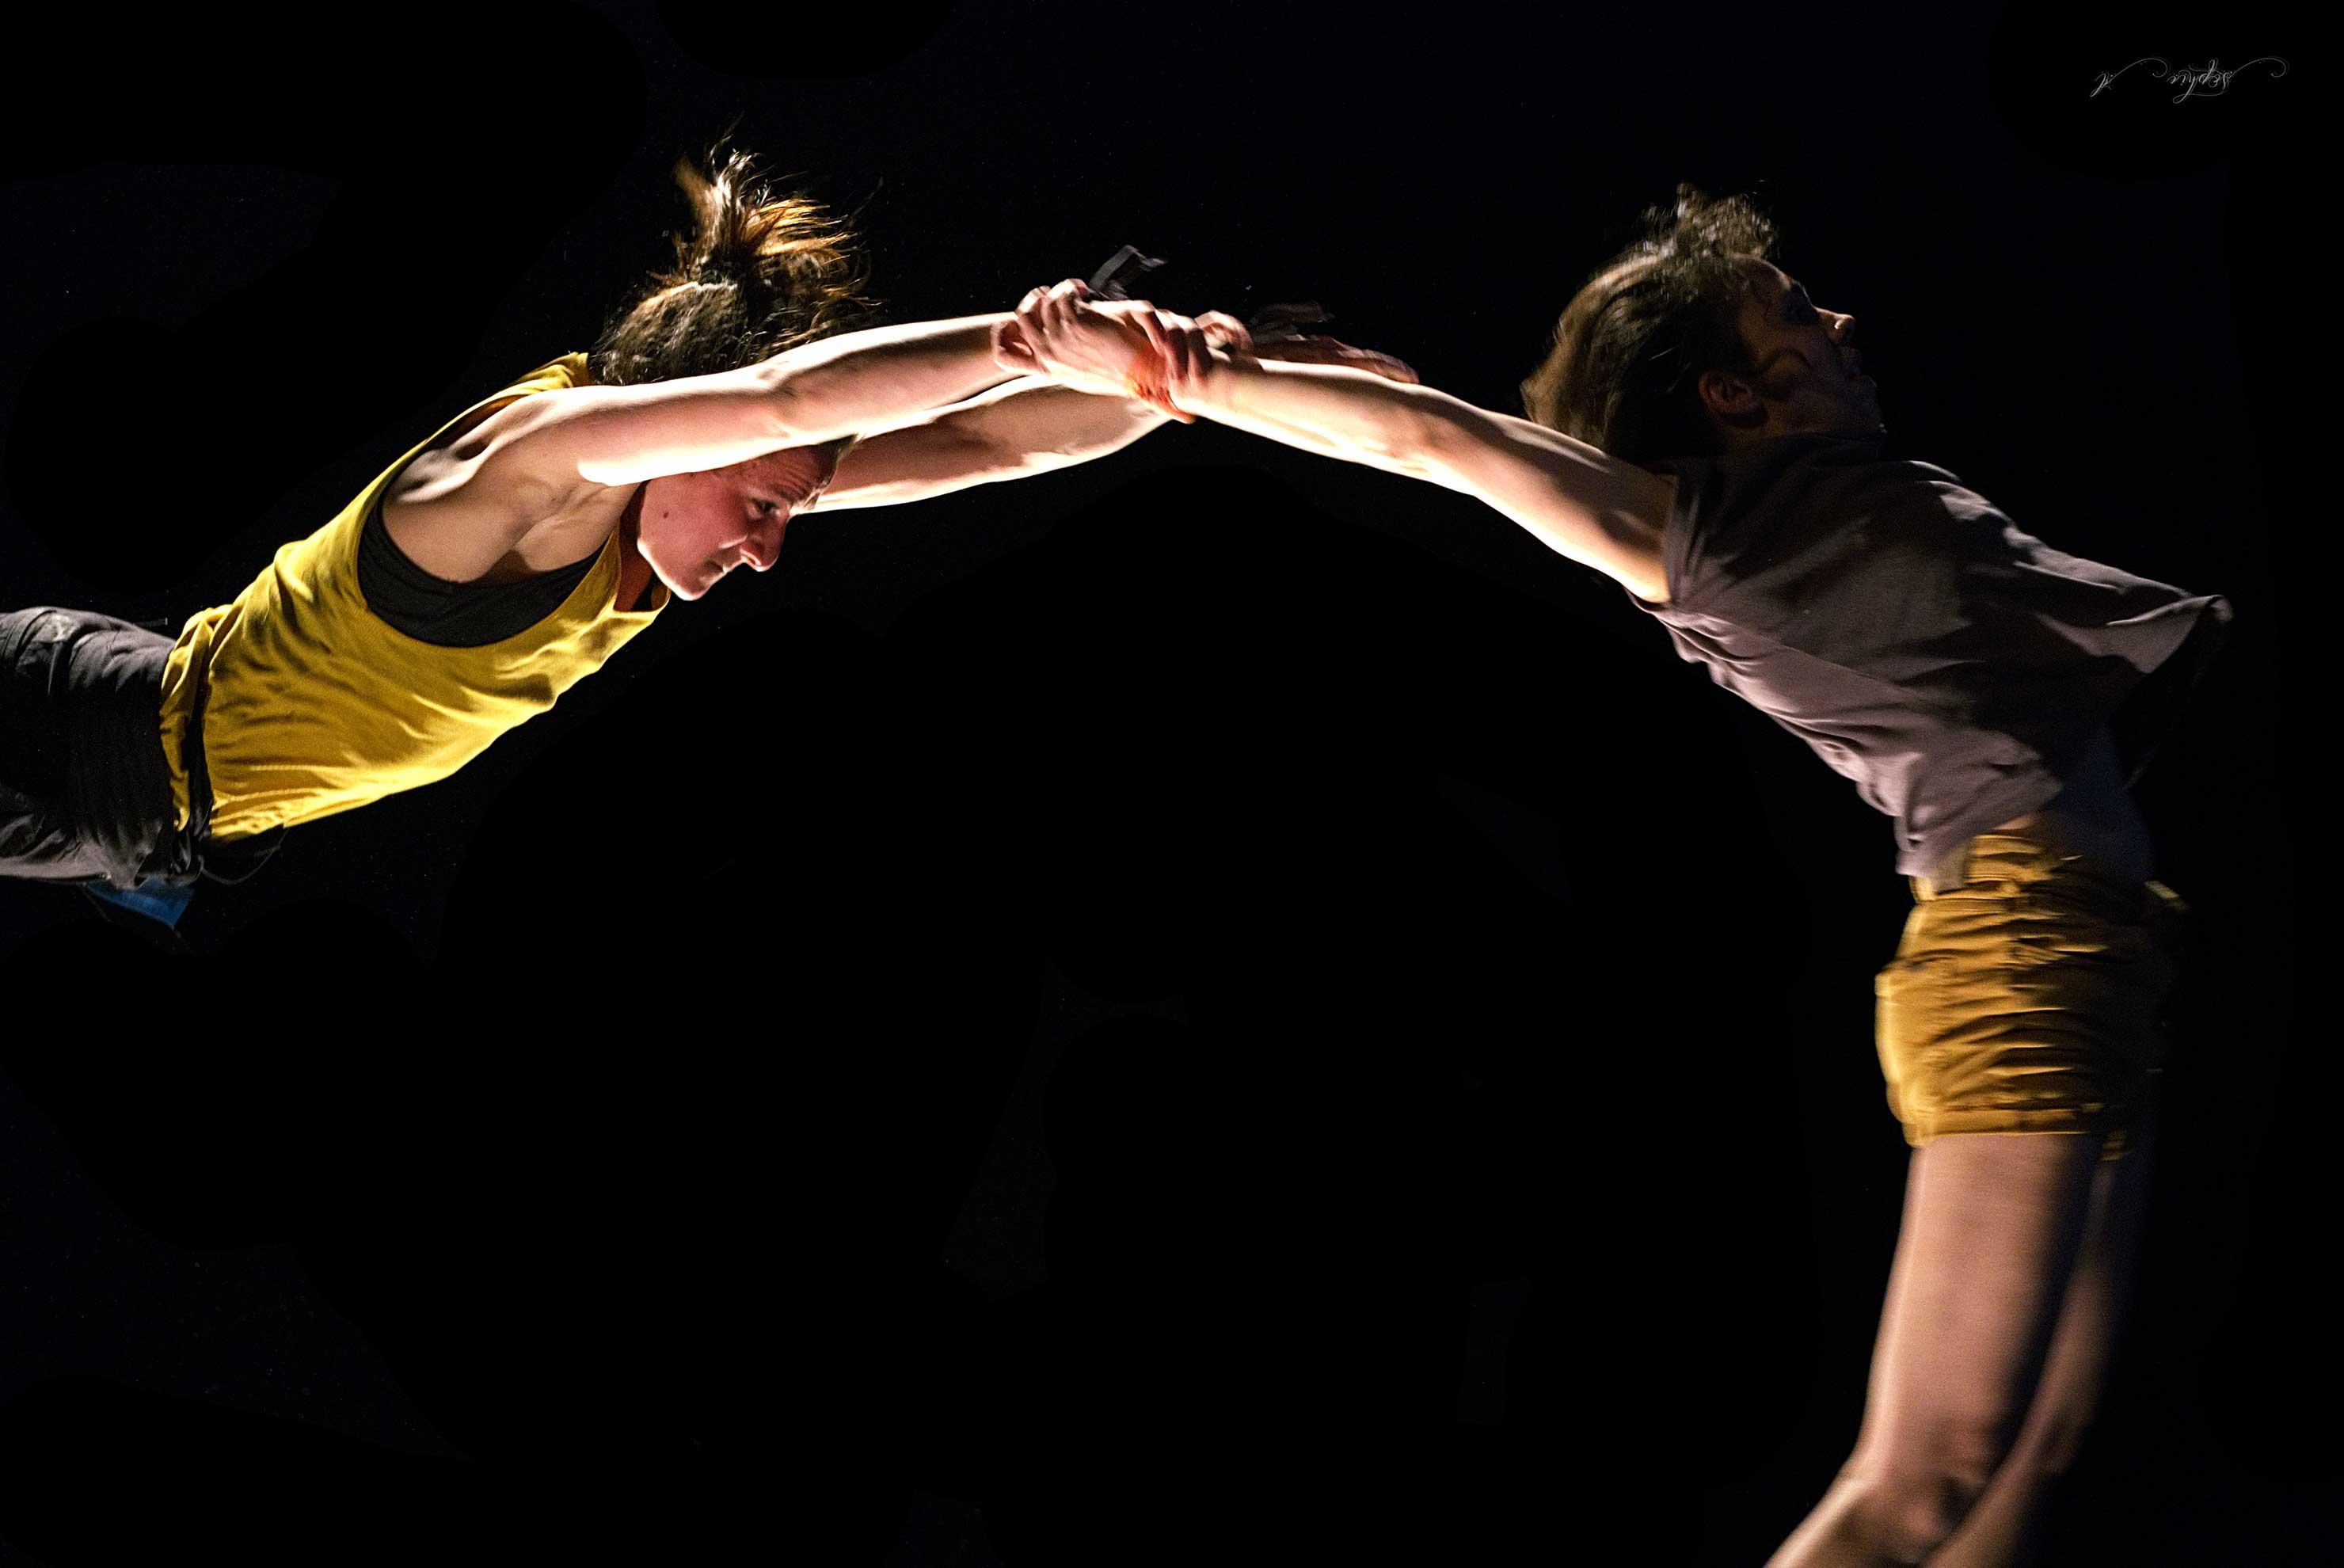 Scène ouverte au chapiteau de l'Ecole de Cirque de Bordeaux